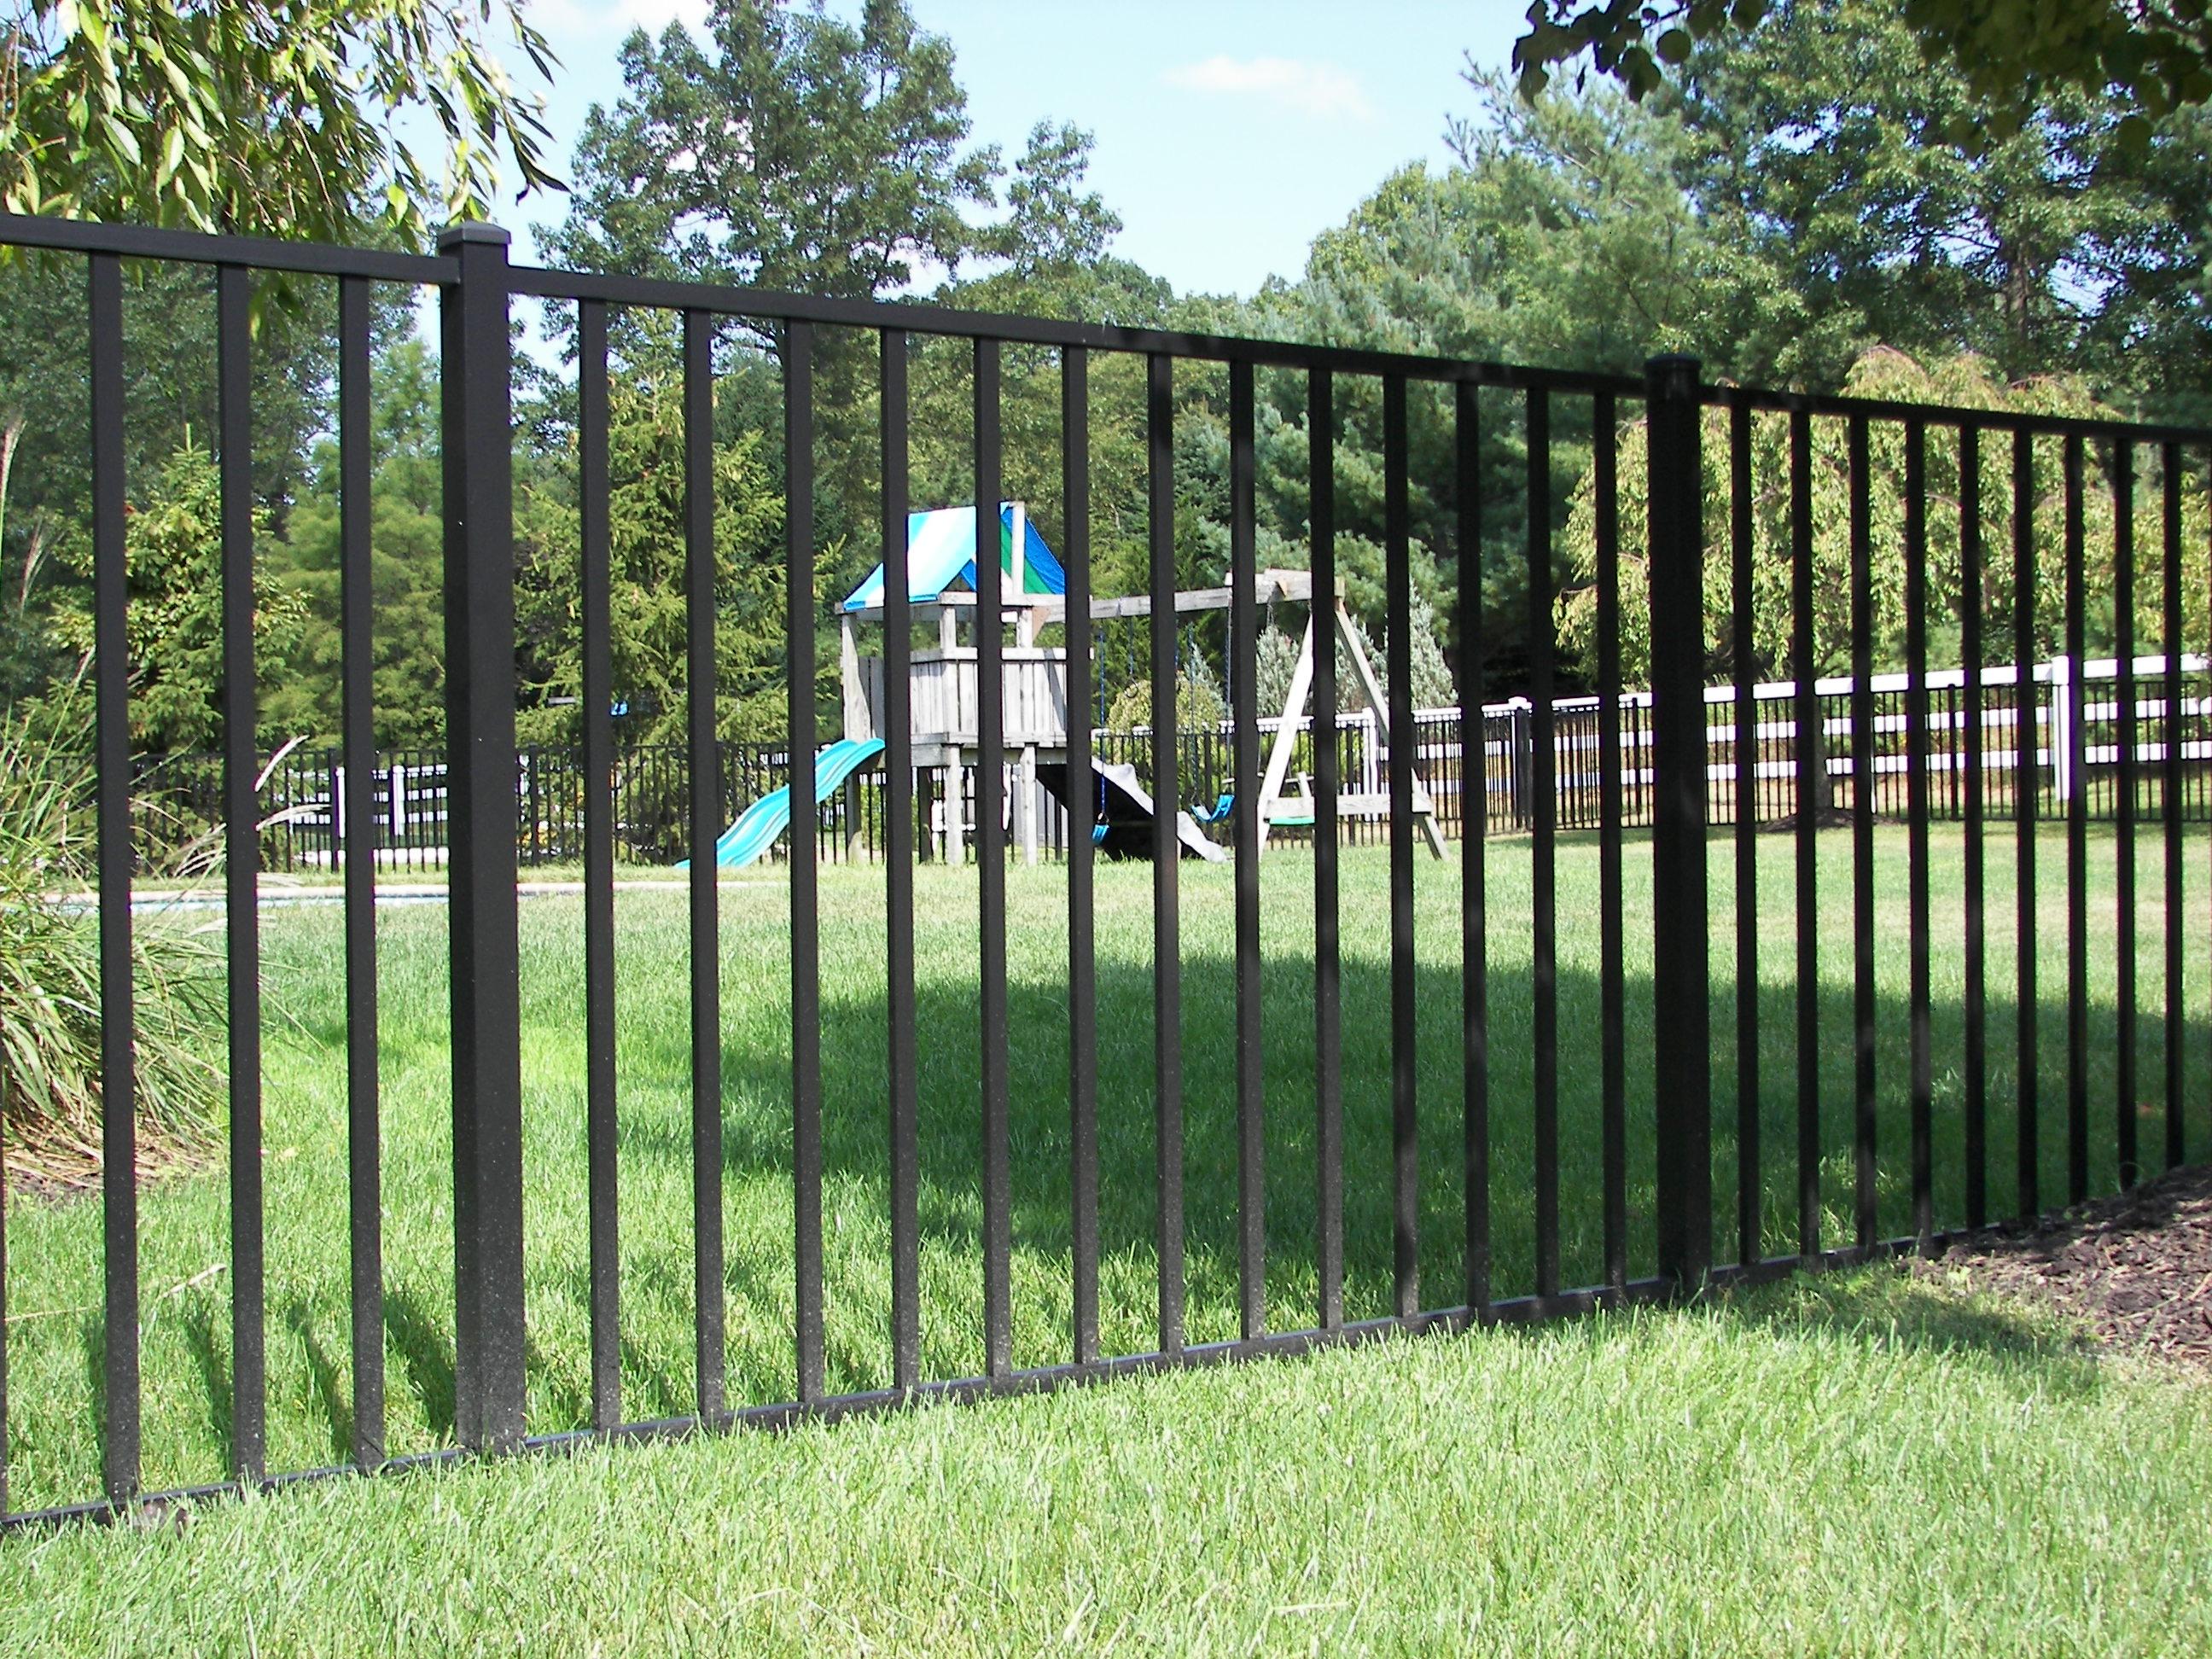 Direct AFG - Fence Palm Beach Gardens Florida